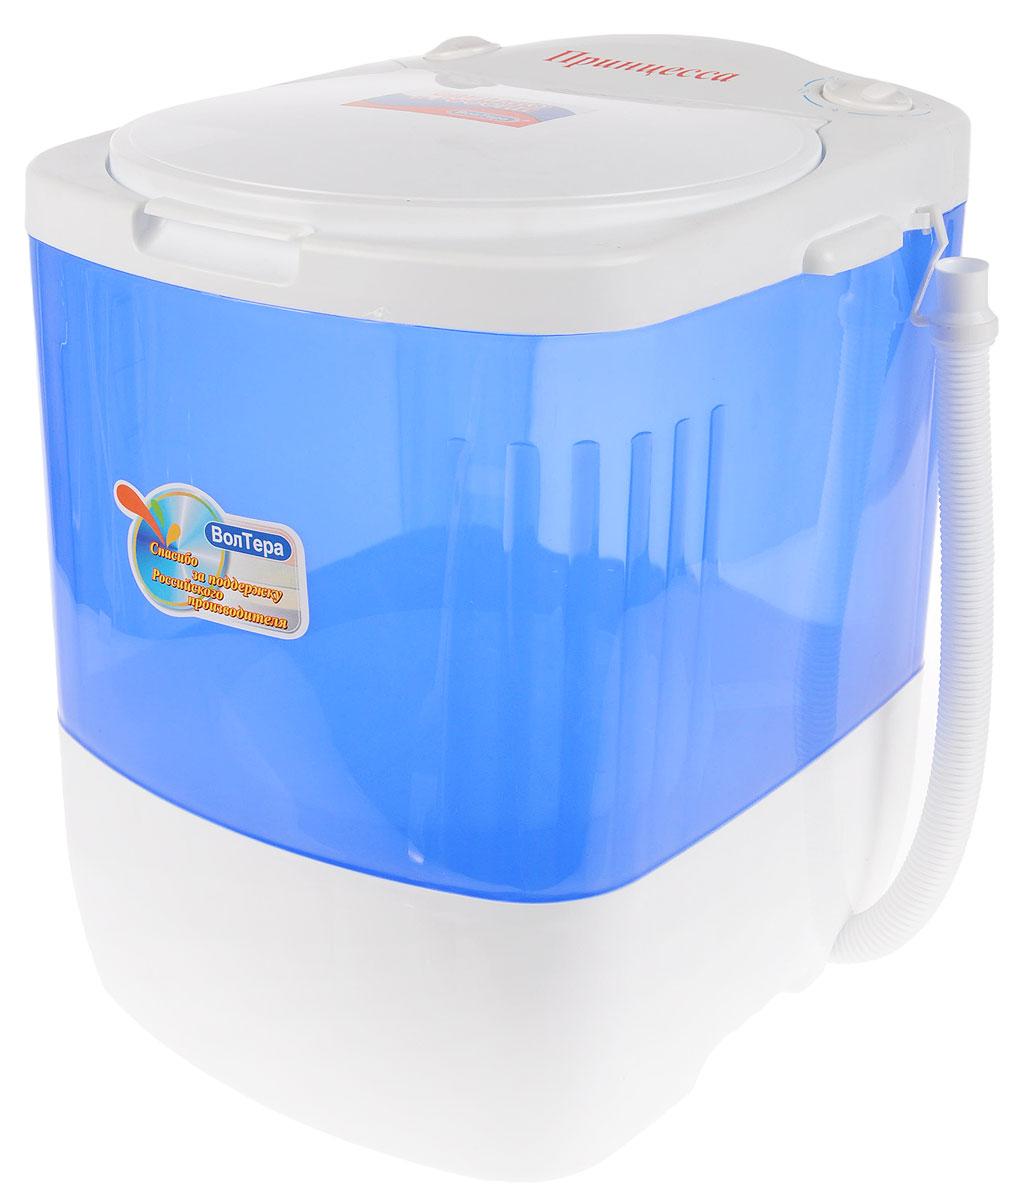 ВолТек Принцесса СМ-1, Blue стиральная машина - Стиральные машины и сушильные аппараты